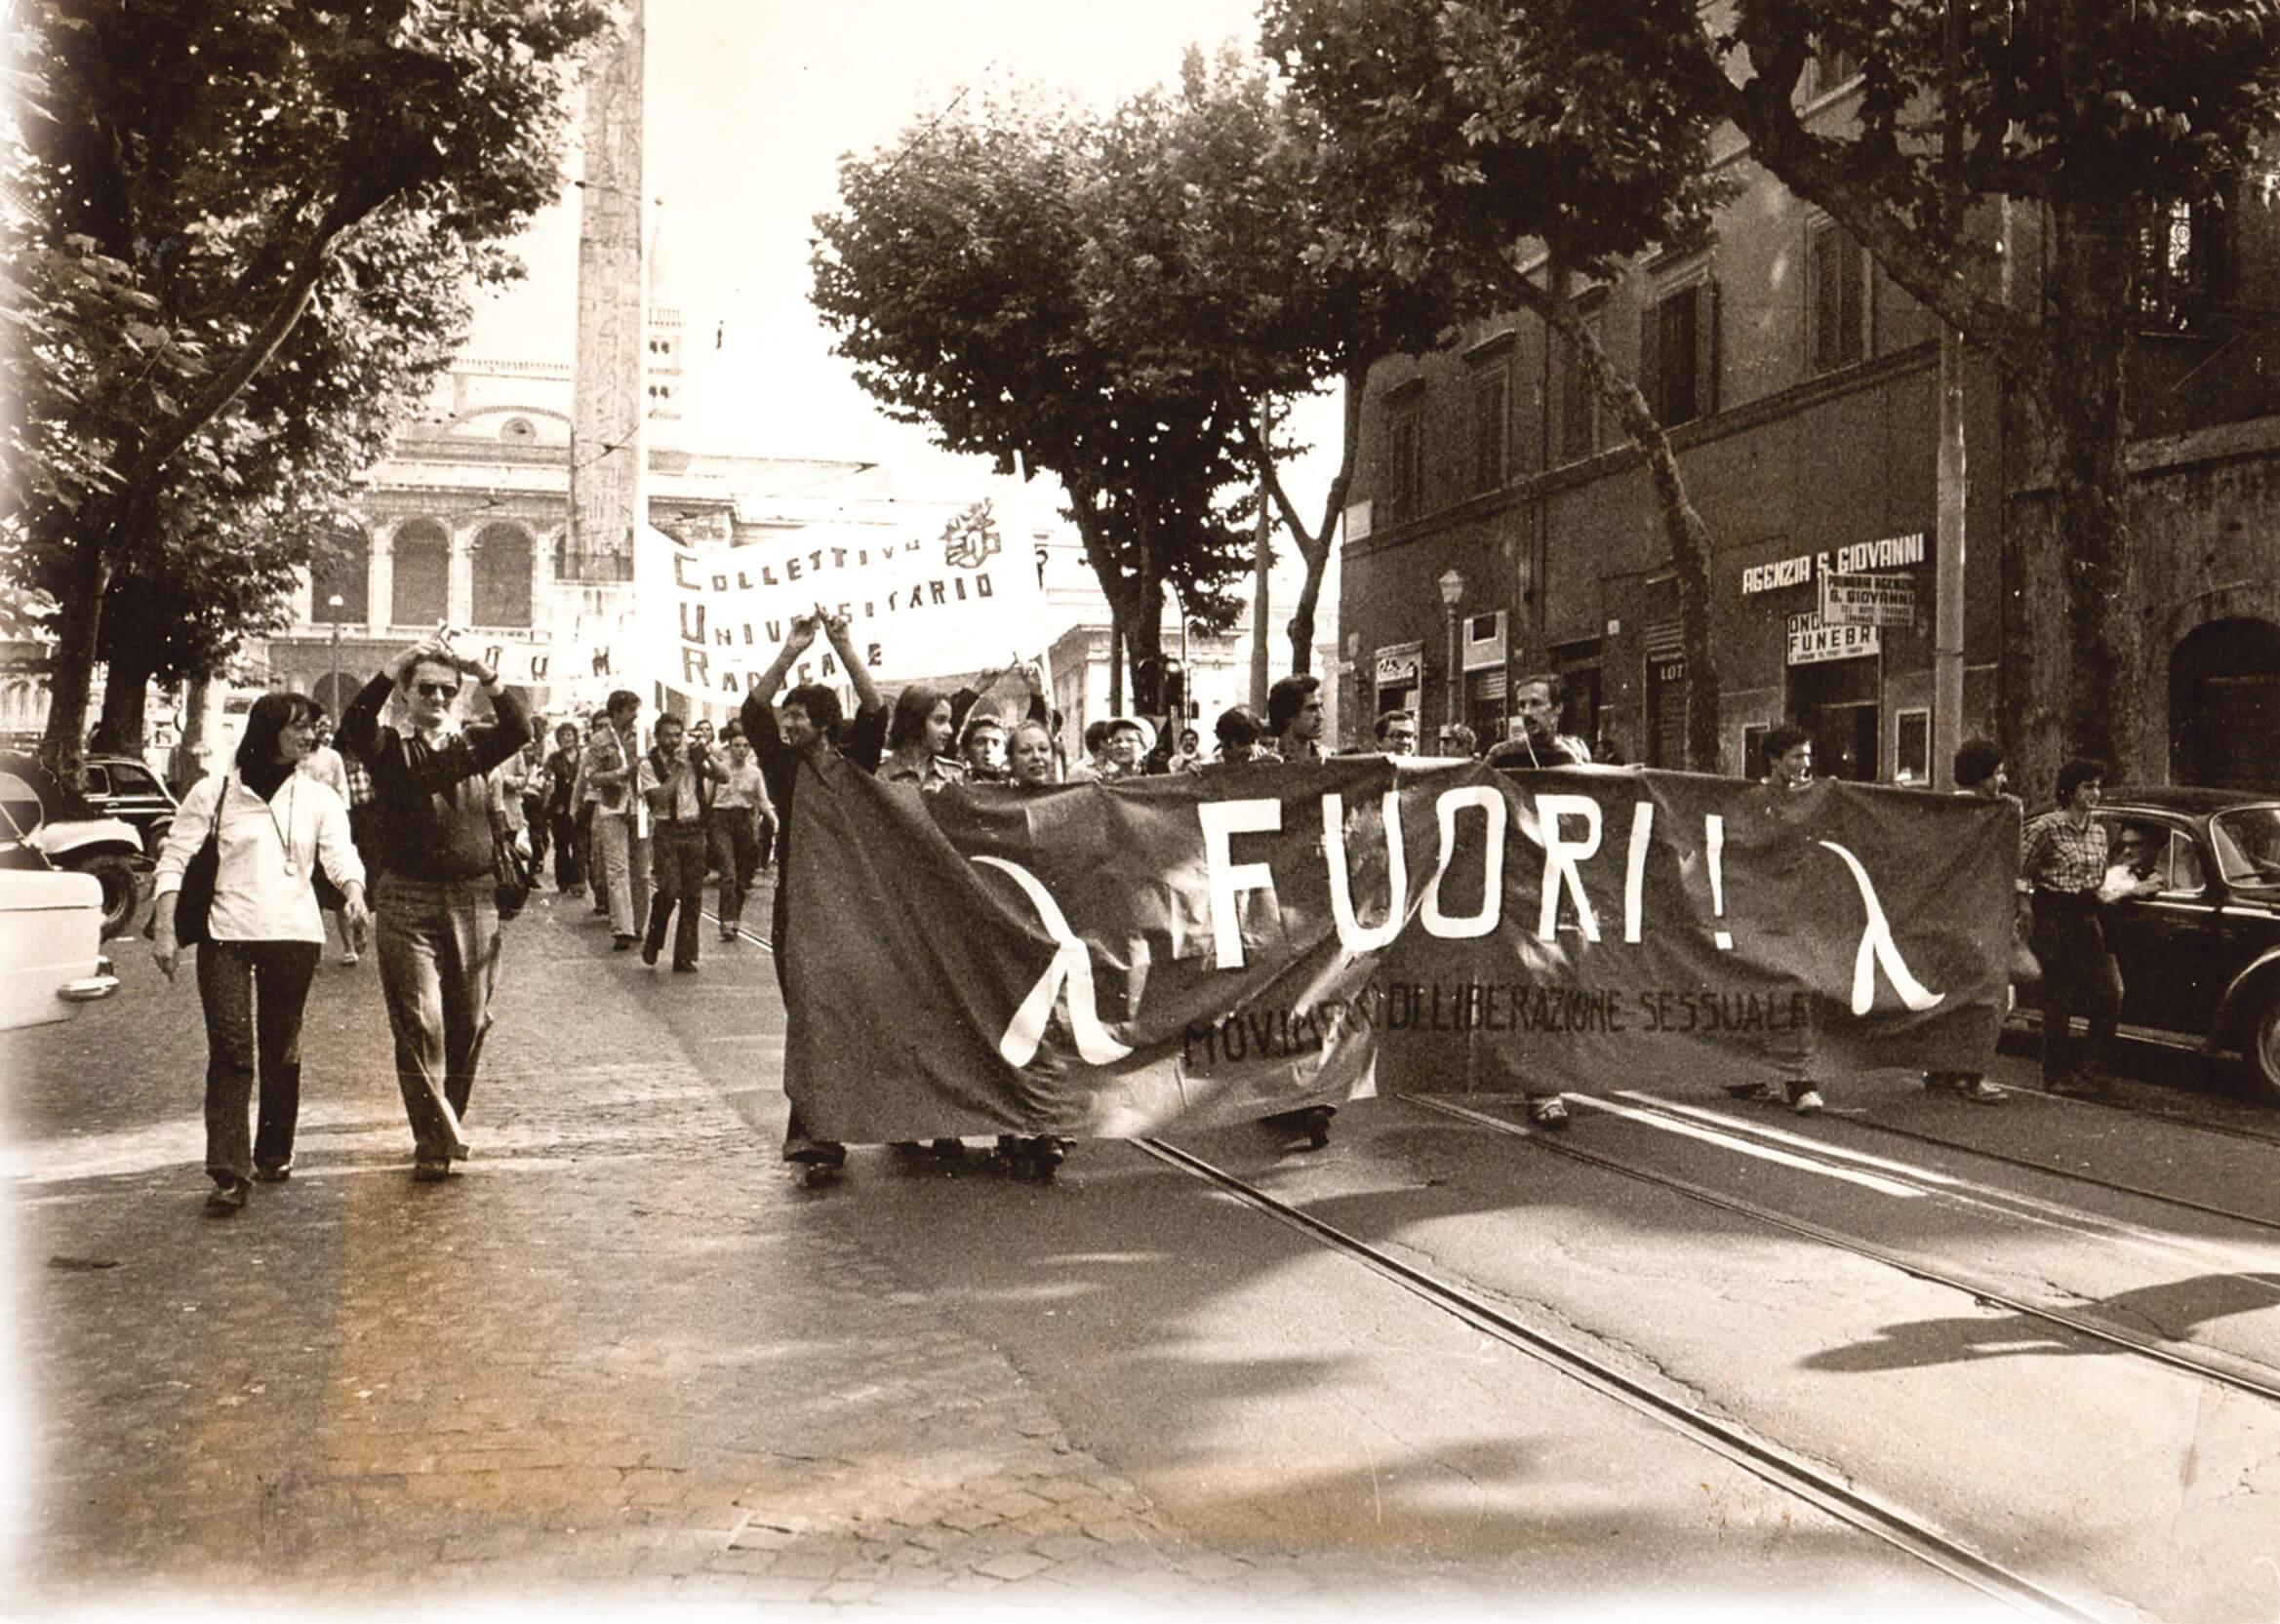 Una manifestazione del FUORI! a Roma, anch'essa datata 1975, si riconosce, sulla sinistra, il leader del FUORI! Angelo Pezzana.